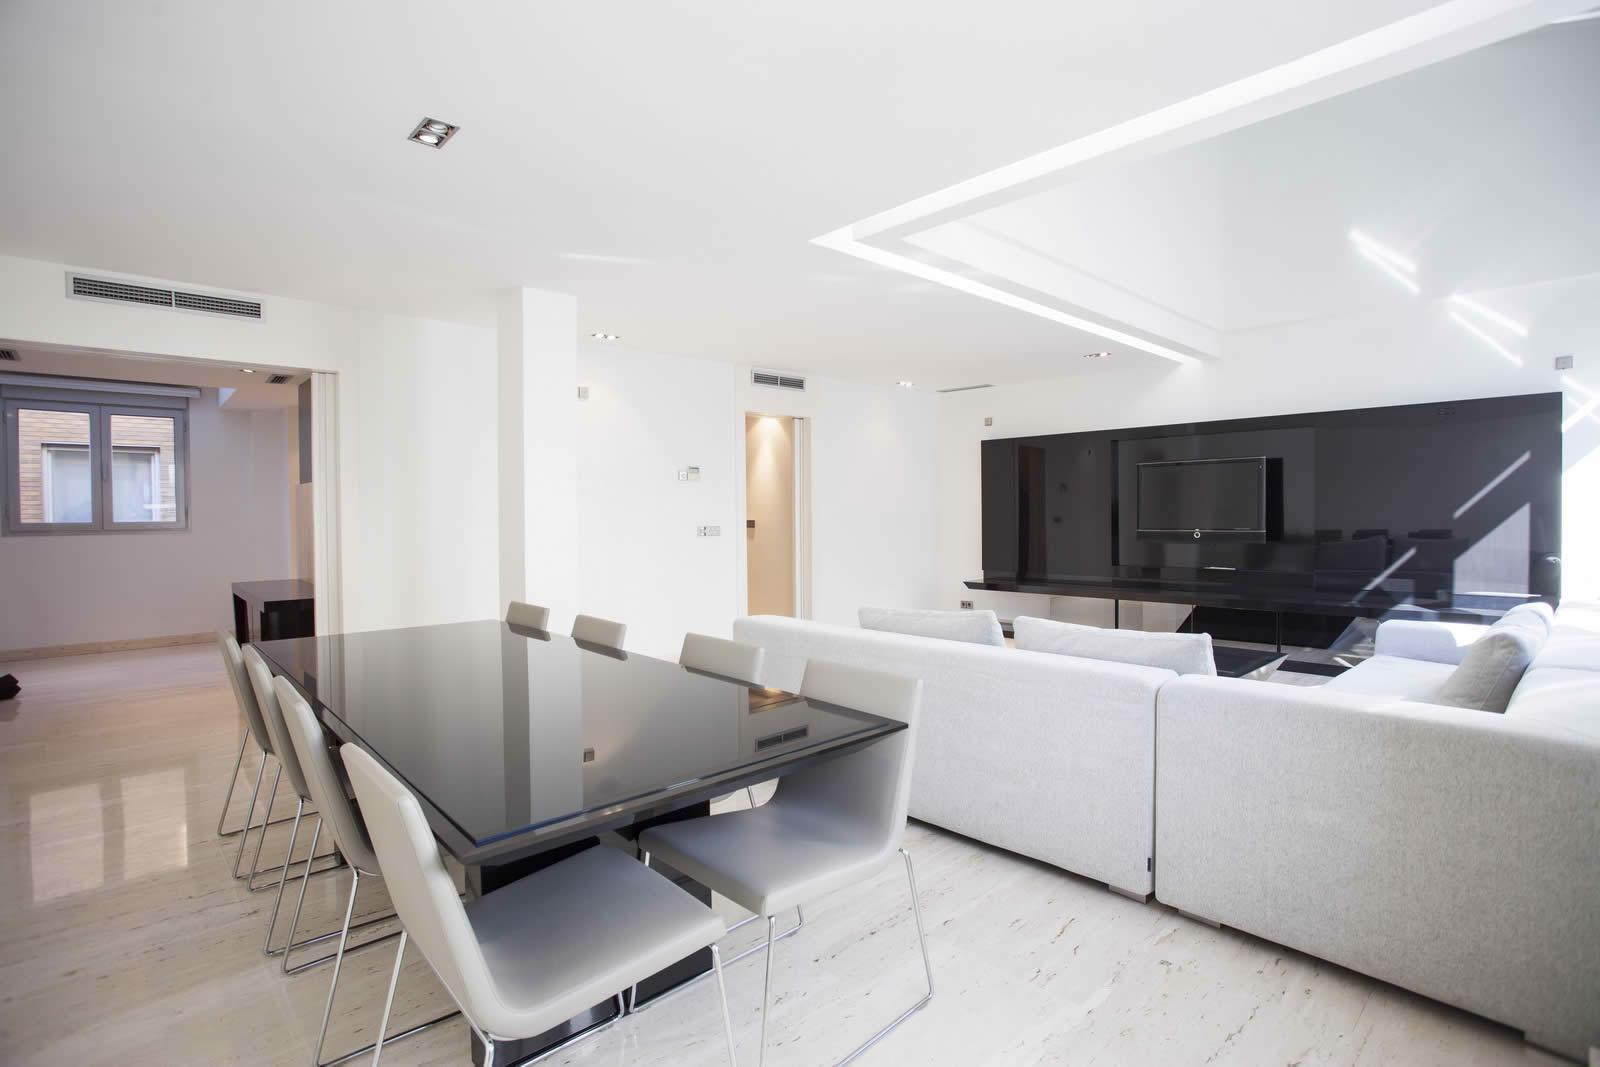 Appartement chic et lgant  la dcoration neuve luxueuse et moderne  louer rue Serrano